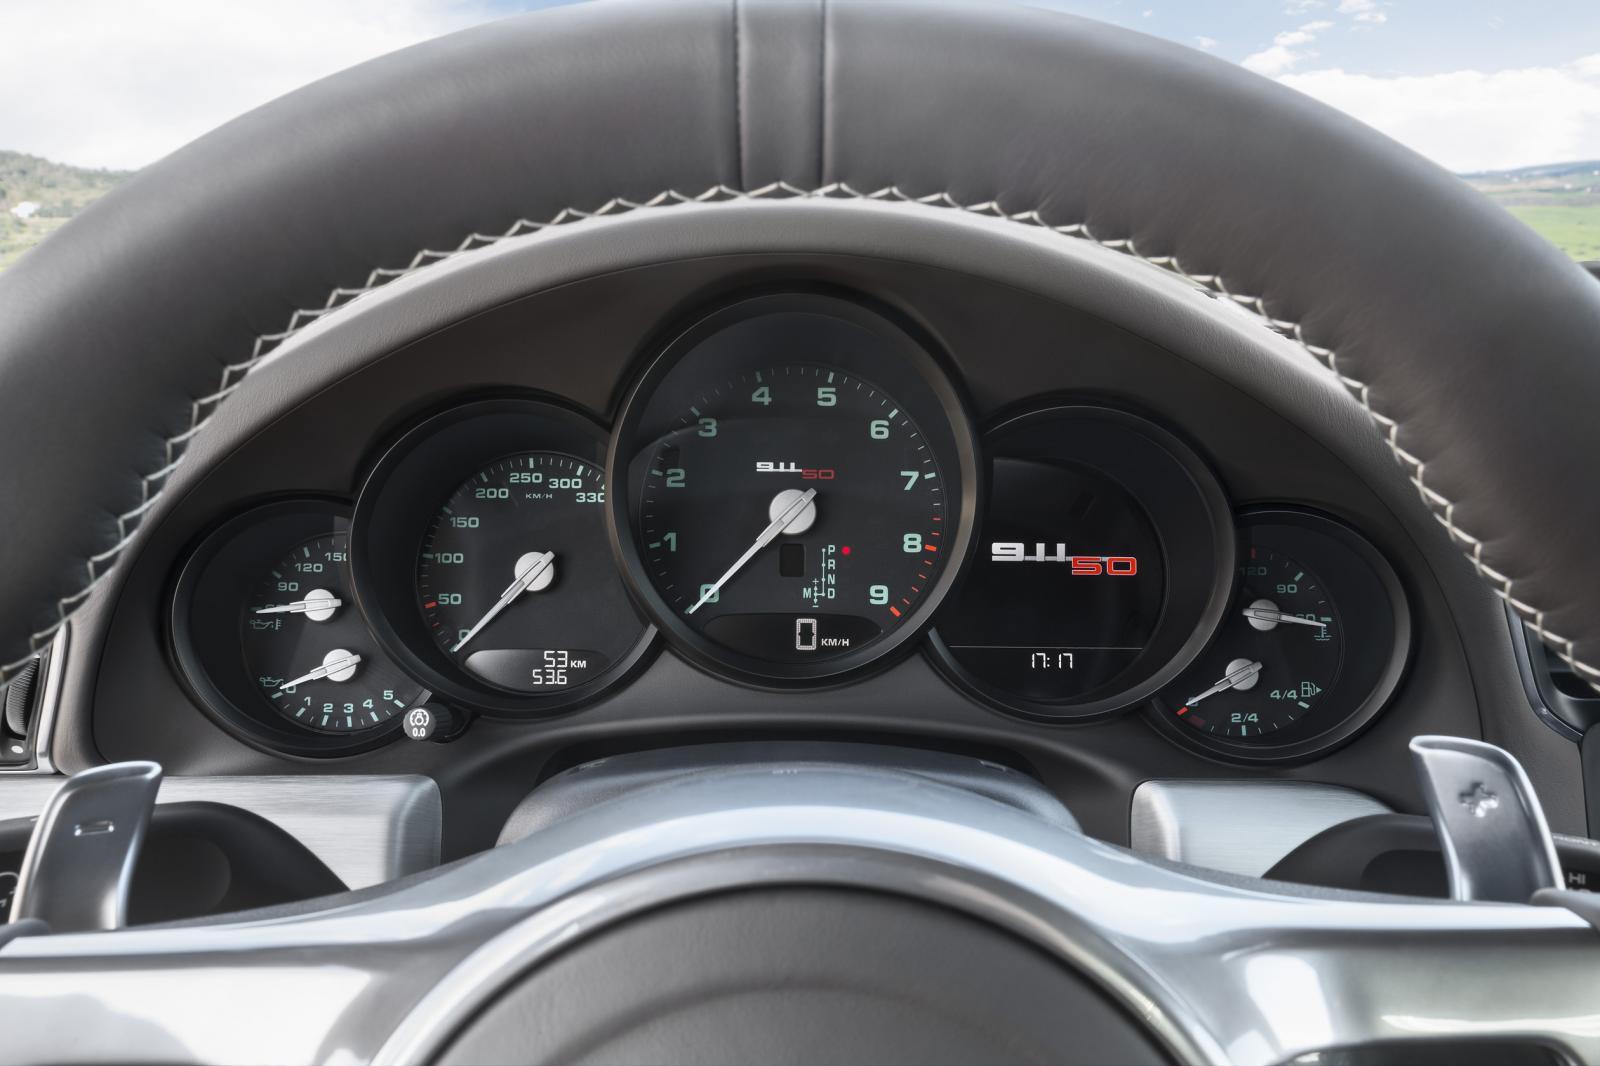 Porsche 911 50 Years Edition instrument display